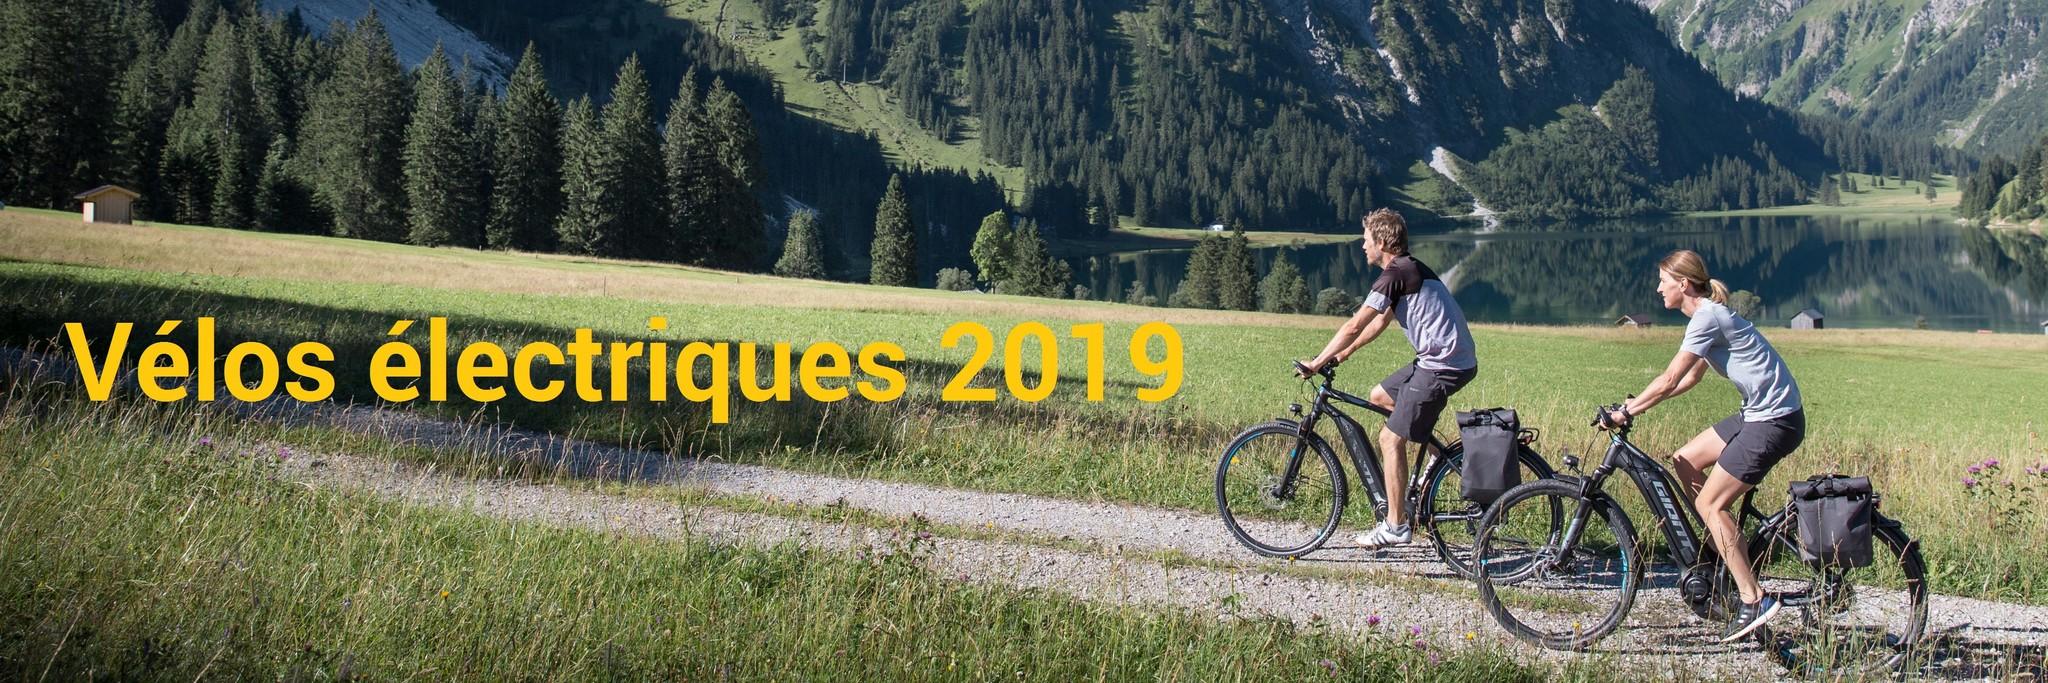 Vélos électriques 2019